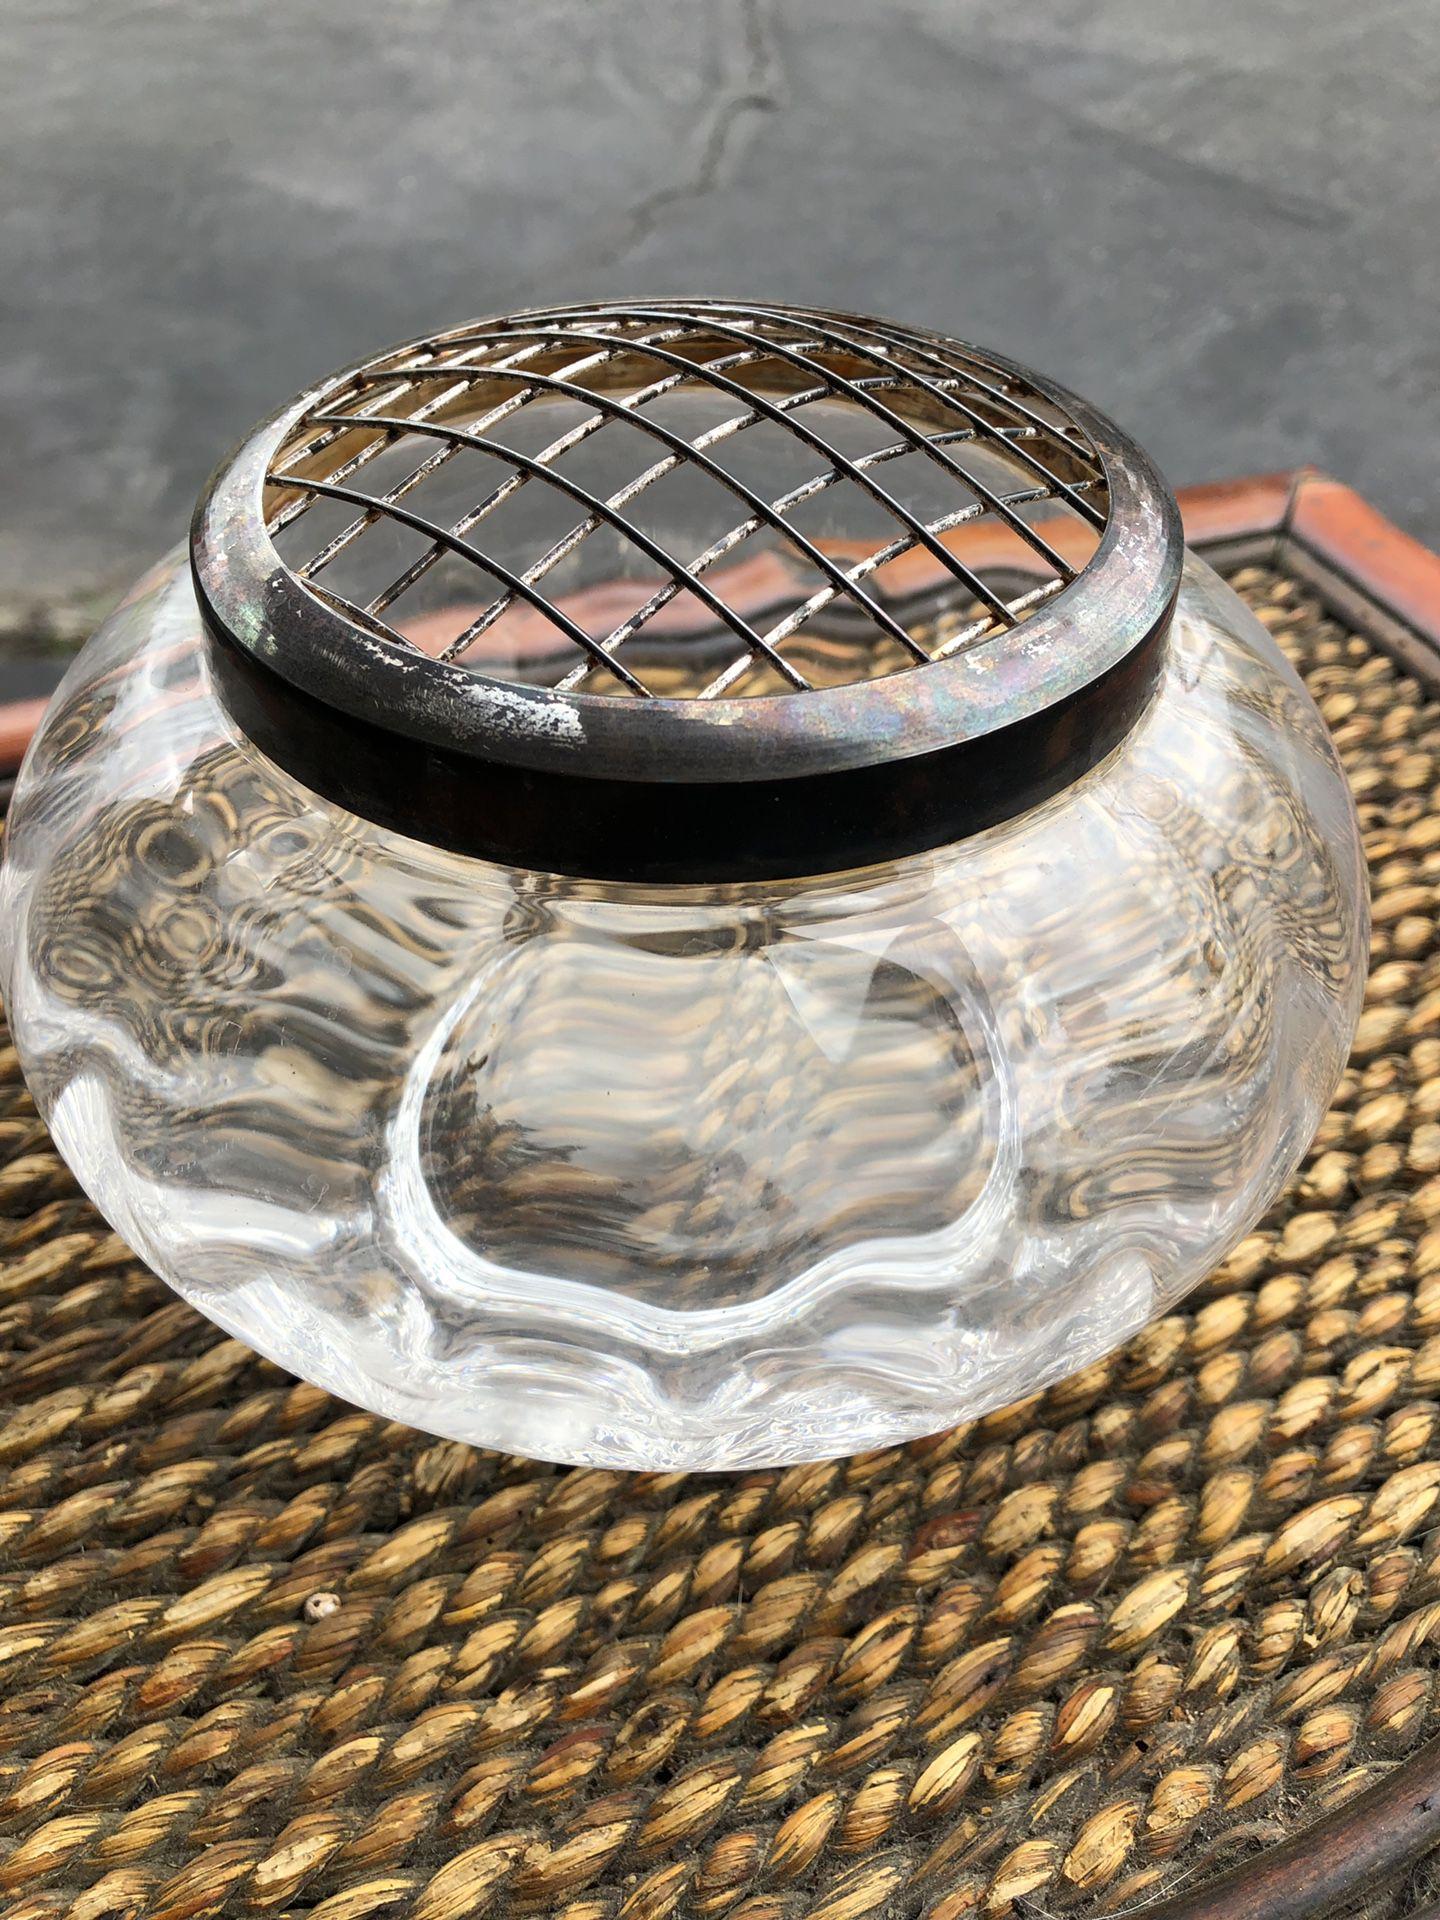 Vintage glass flower holder